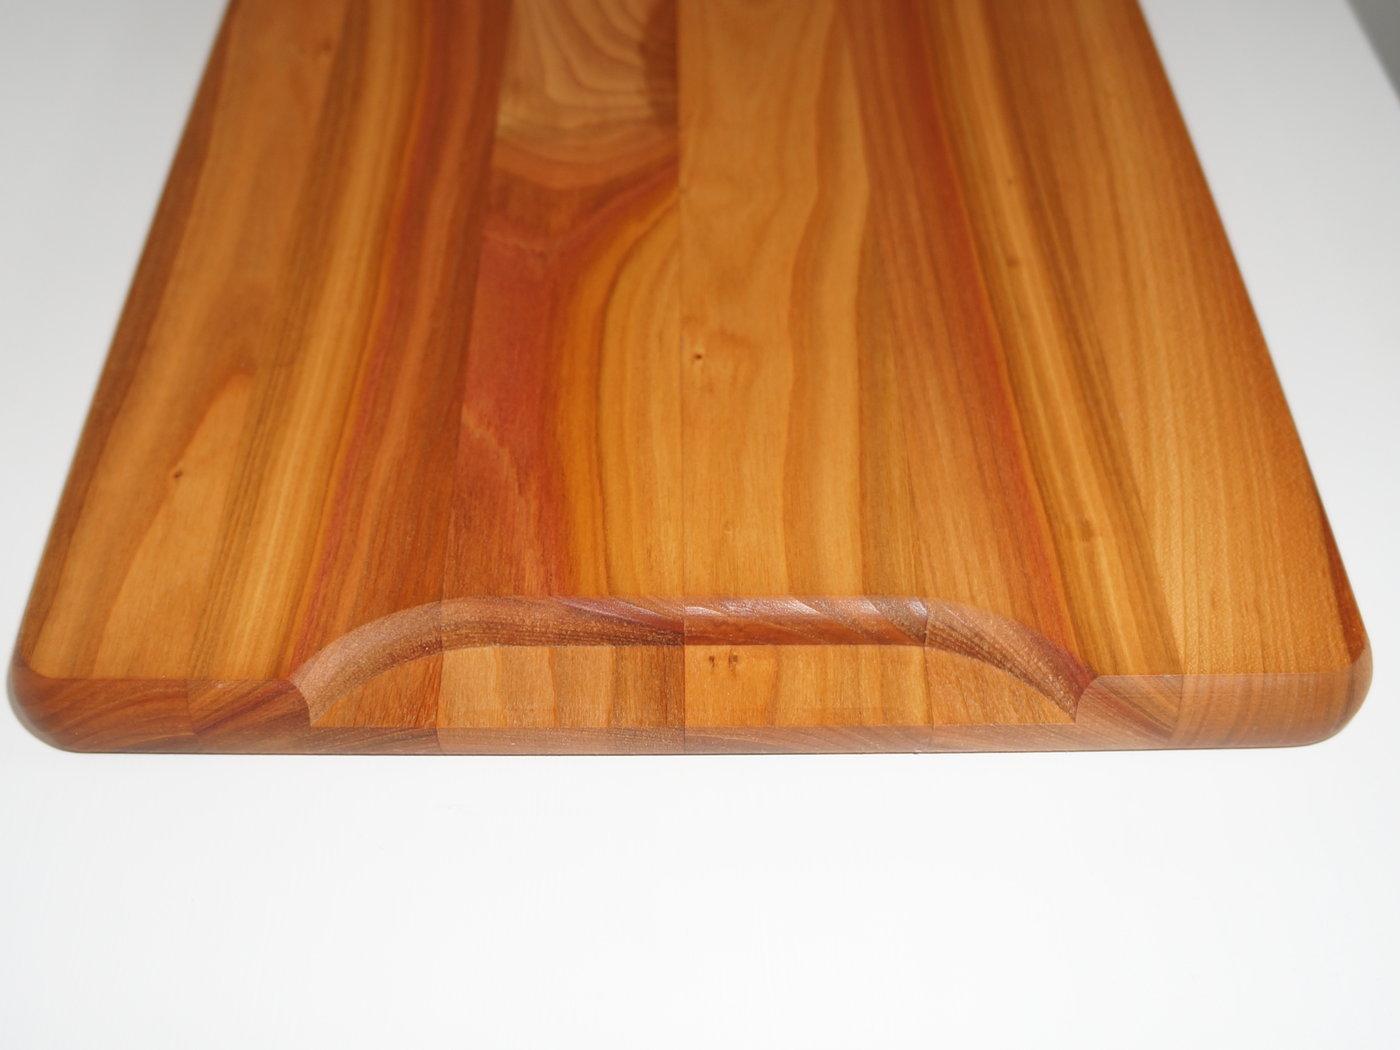 schneidebrett aus kirschbaumholz von freudinge made in germany. Black Bedroom Furniture Sets. Home Design Ideas